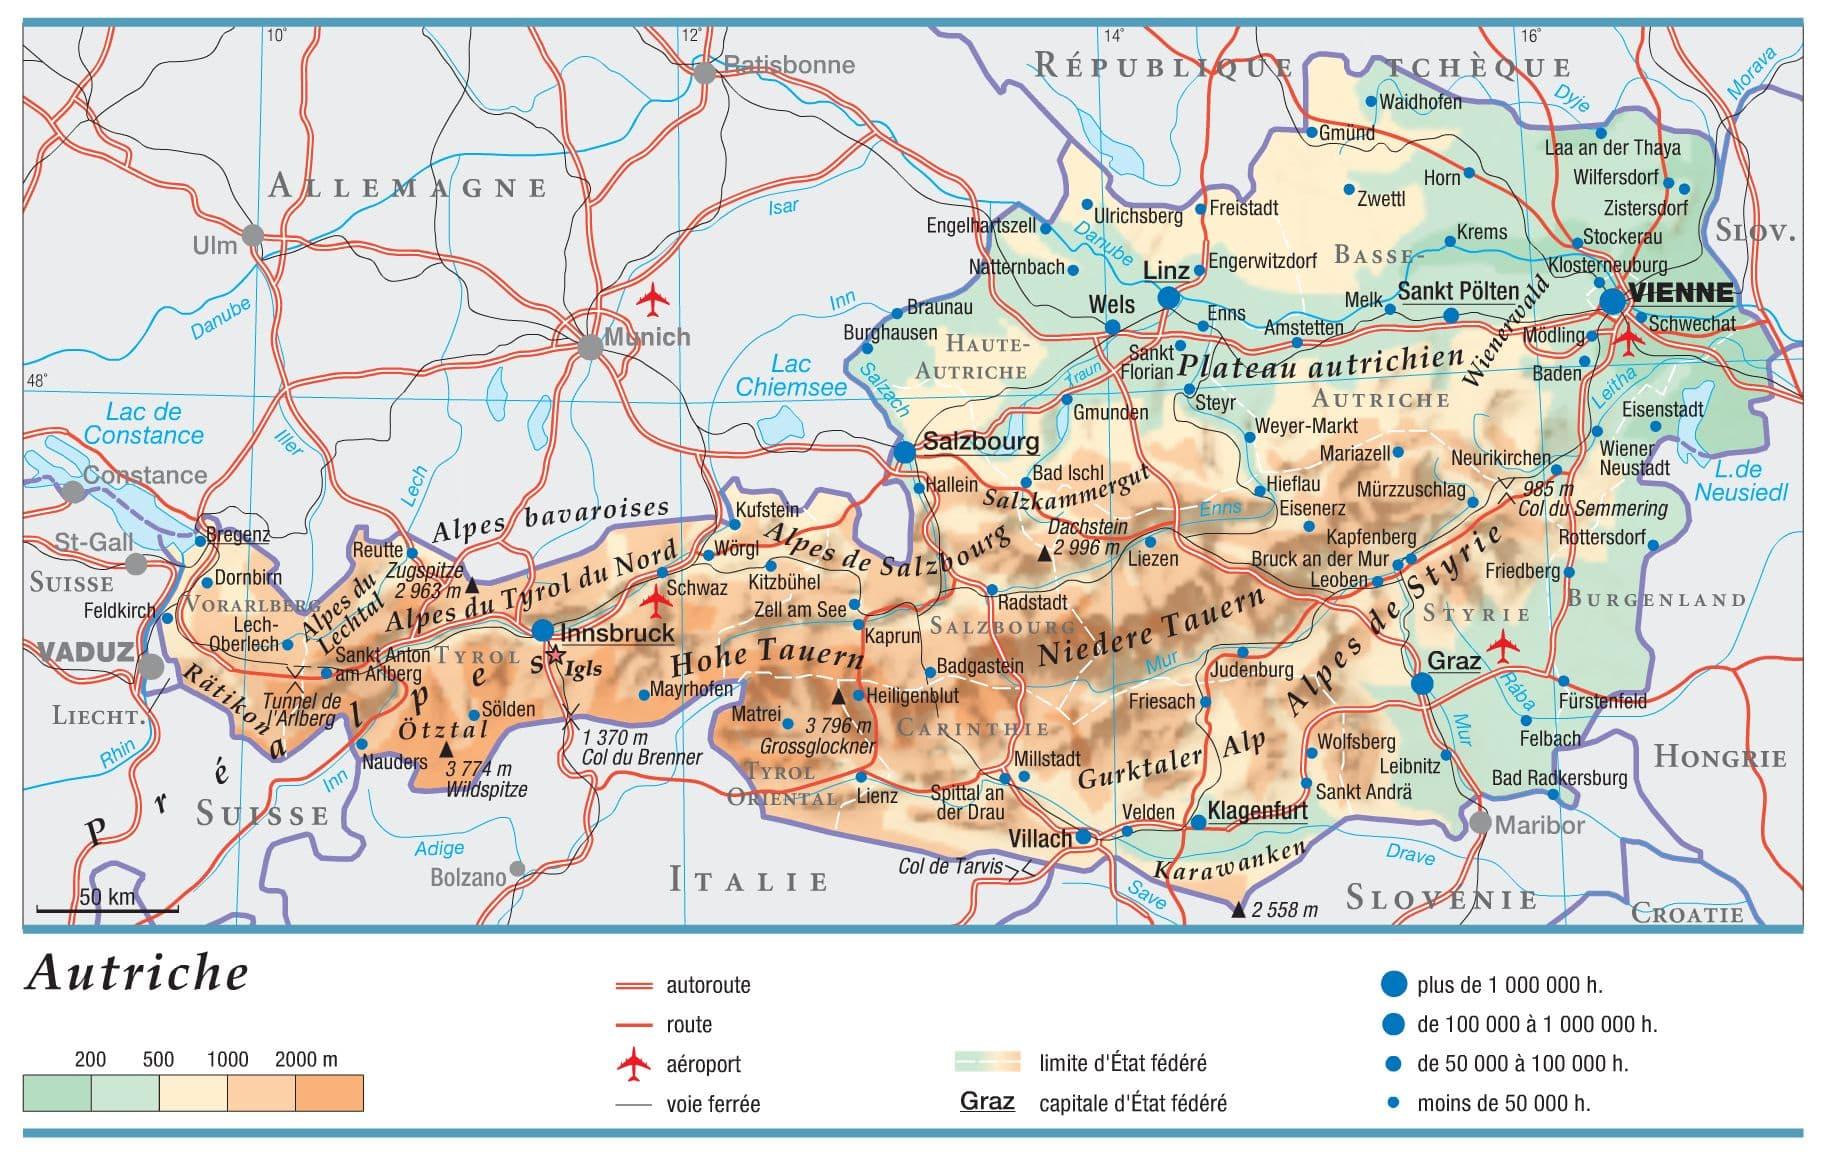 Encyclopédie Larousse en ligne - Autriche en allemand Österreich ...